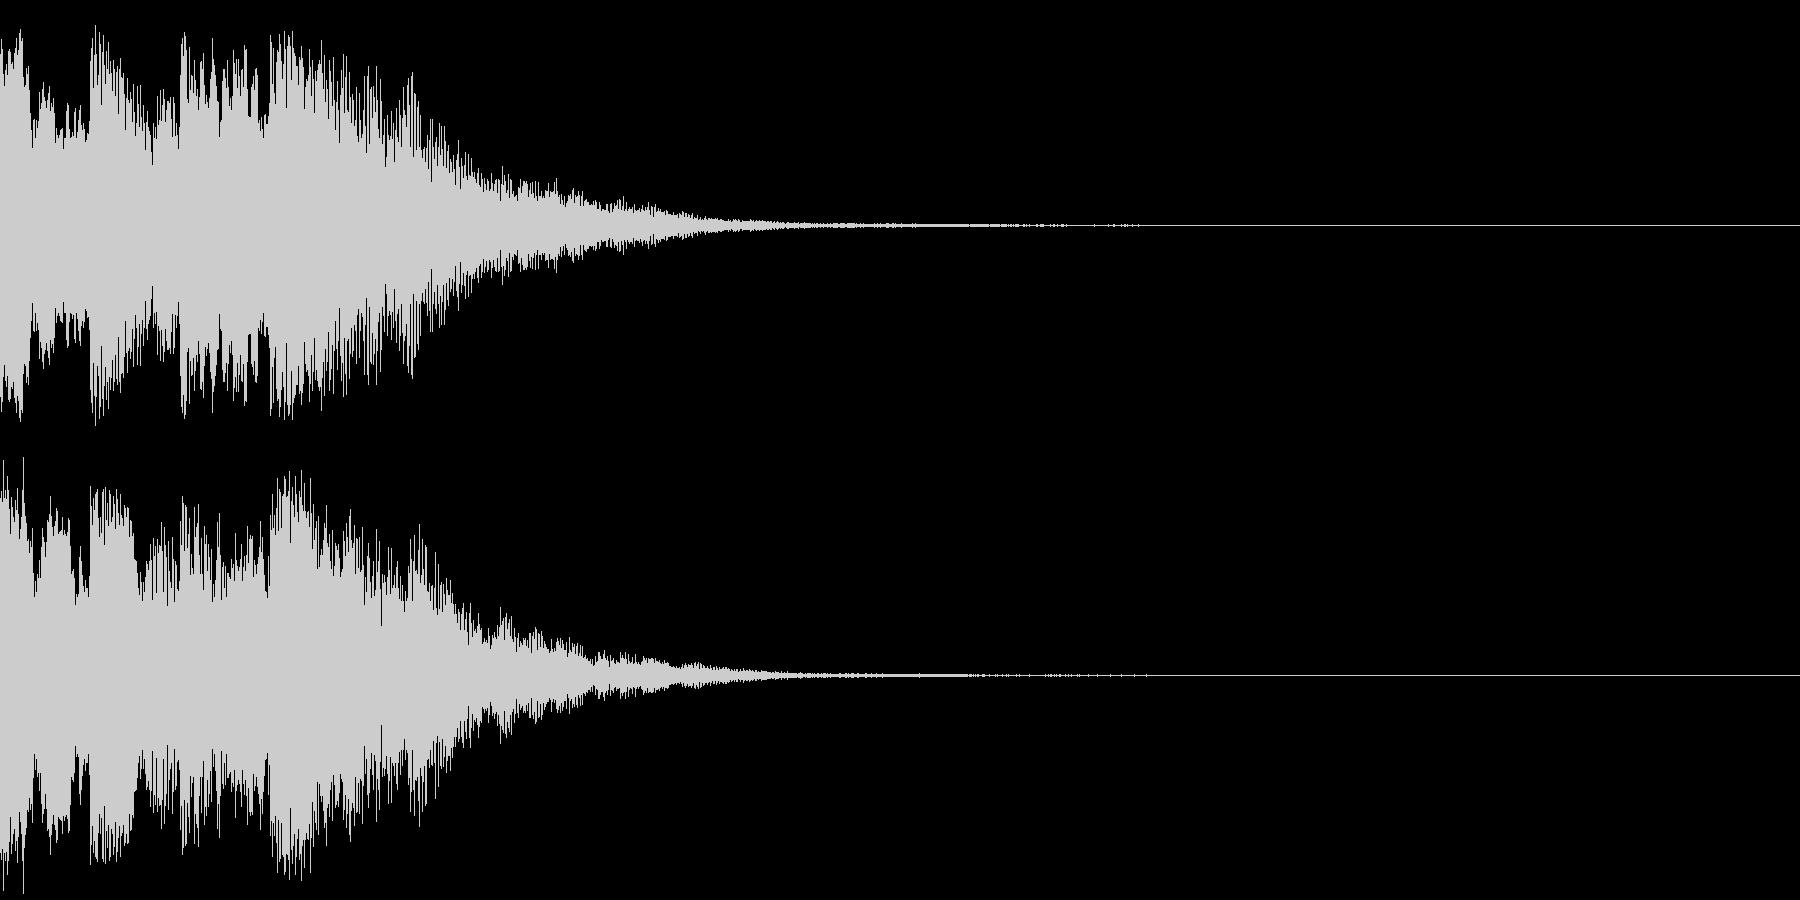 ニュースのテロップをイメージした音07の未再生の波形